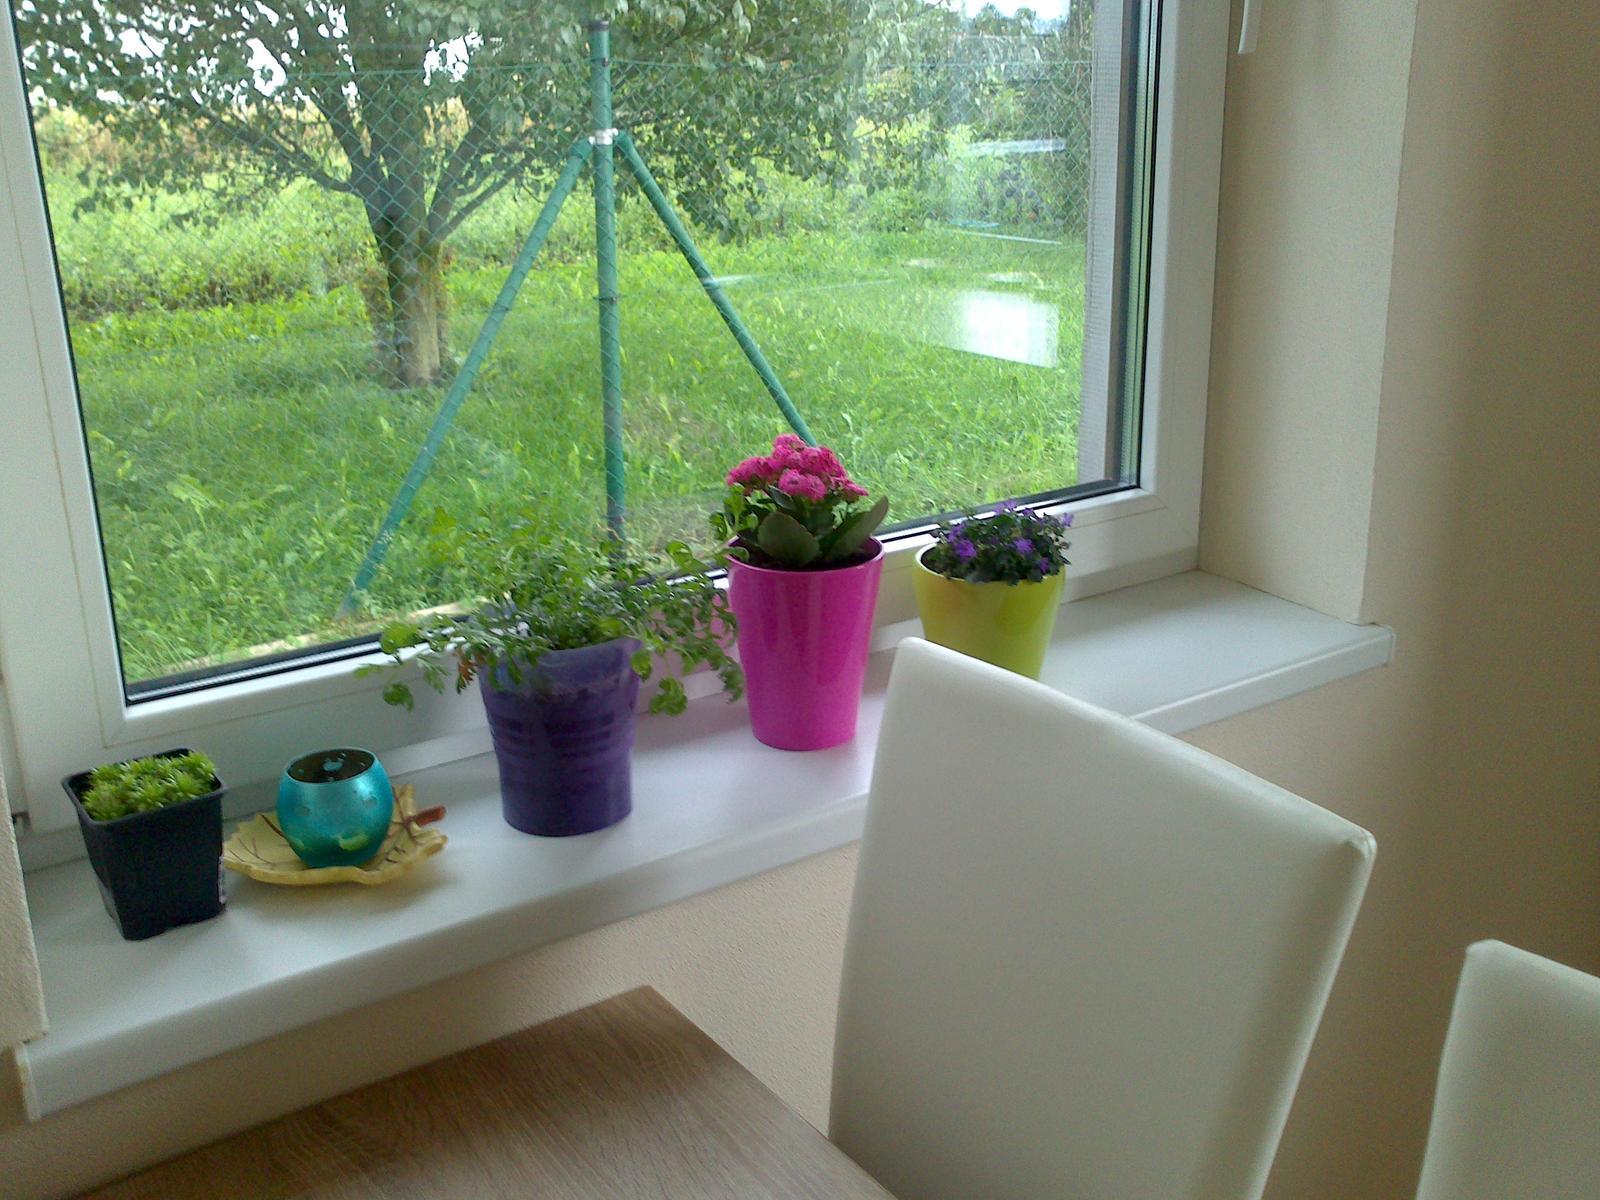 New - Pohlad do zahrady z 1 kuchynskeho okna,mam ich dve:-)))